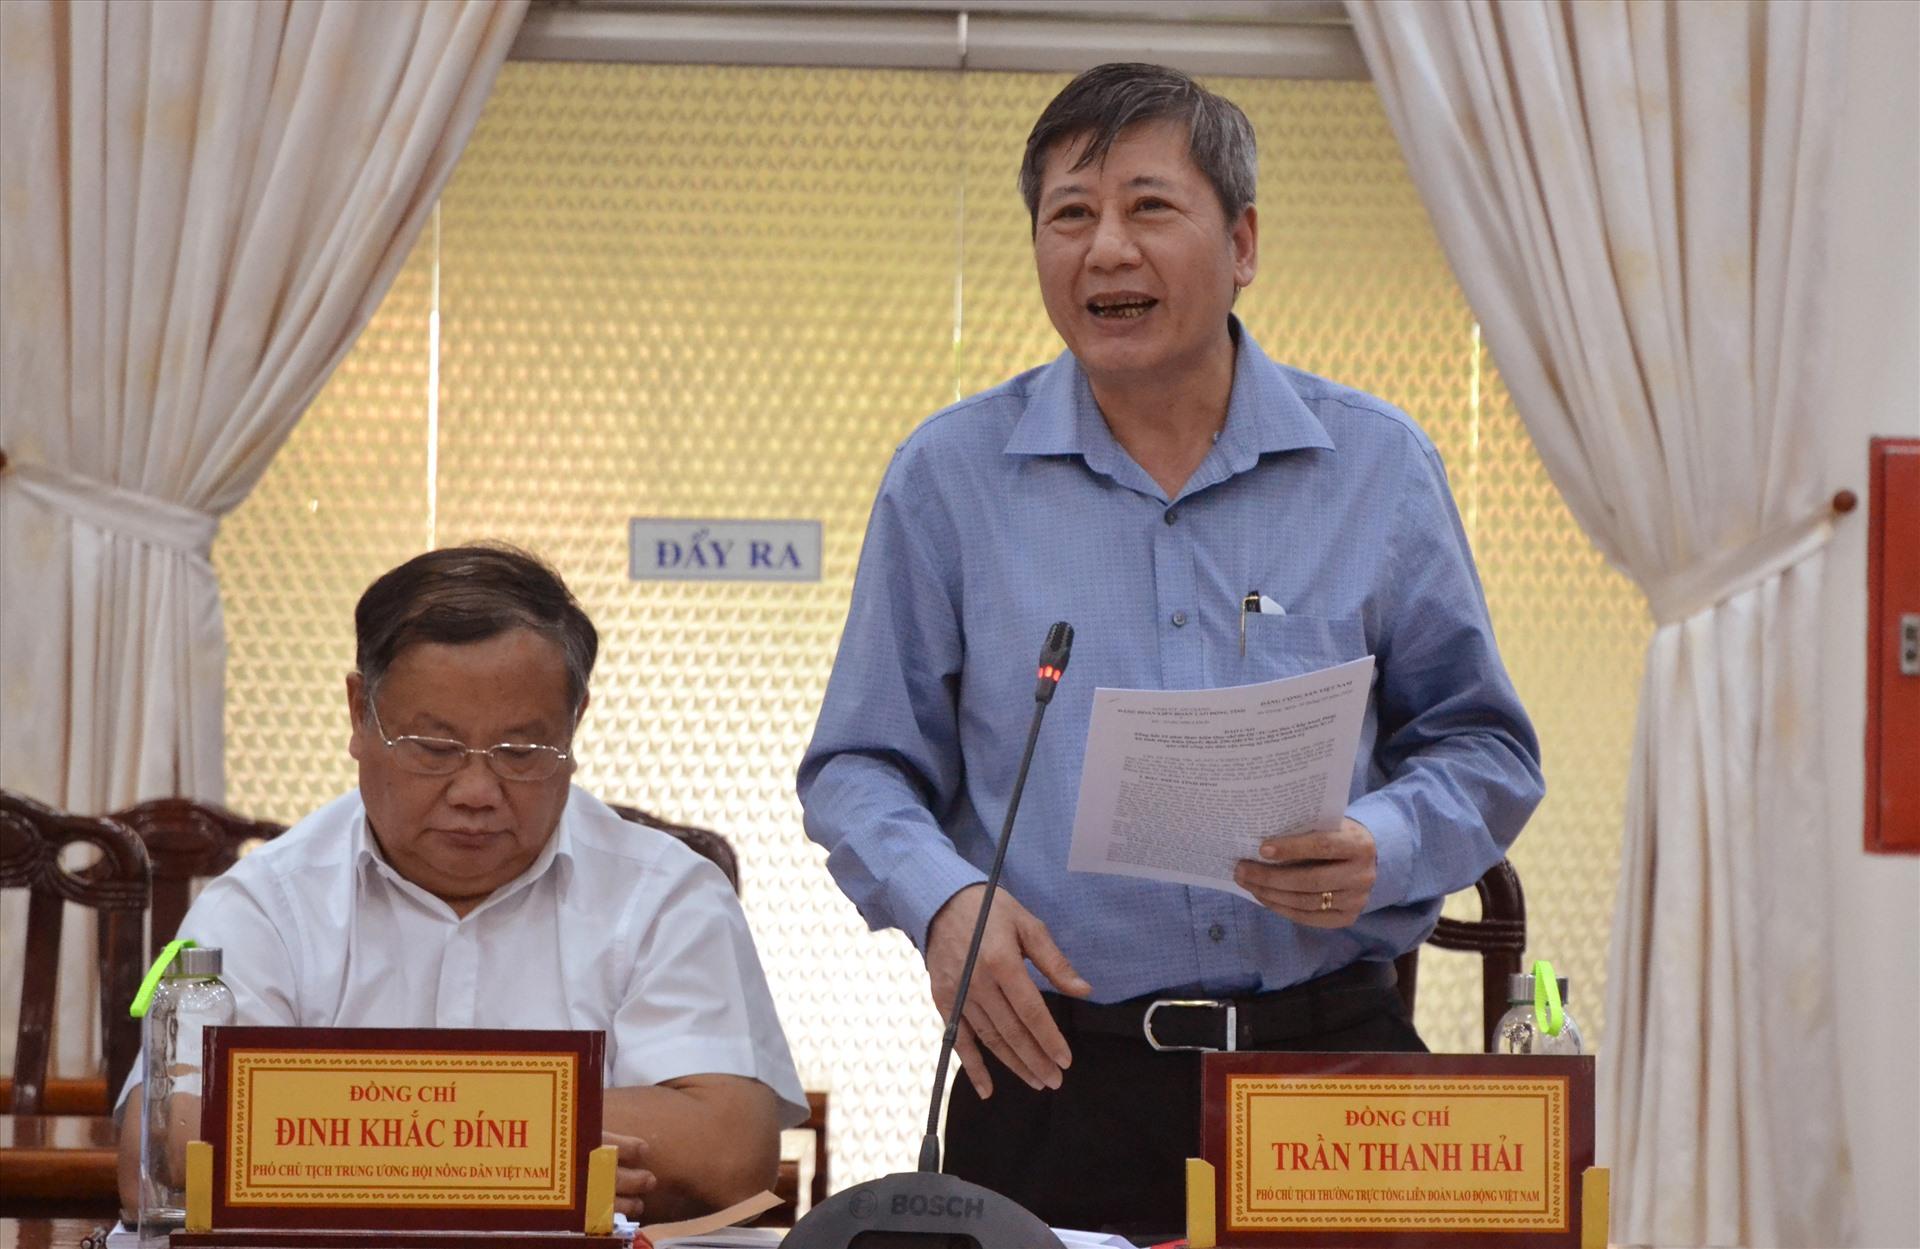 Phó Chủ tịch Thường trực Tổng LĐLĐ Việt Nam Trần Thanh Hải phát biểu tại buổi lầm việc. Ảnh: LT